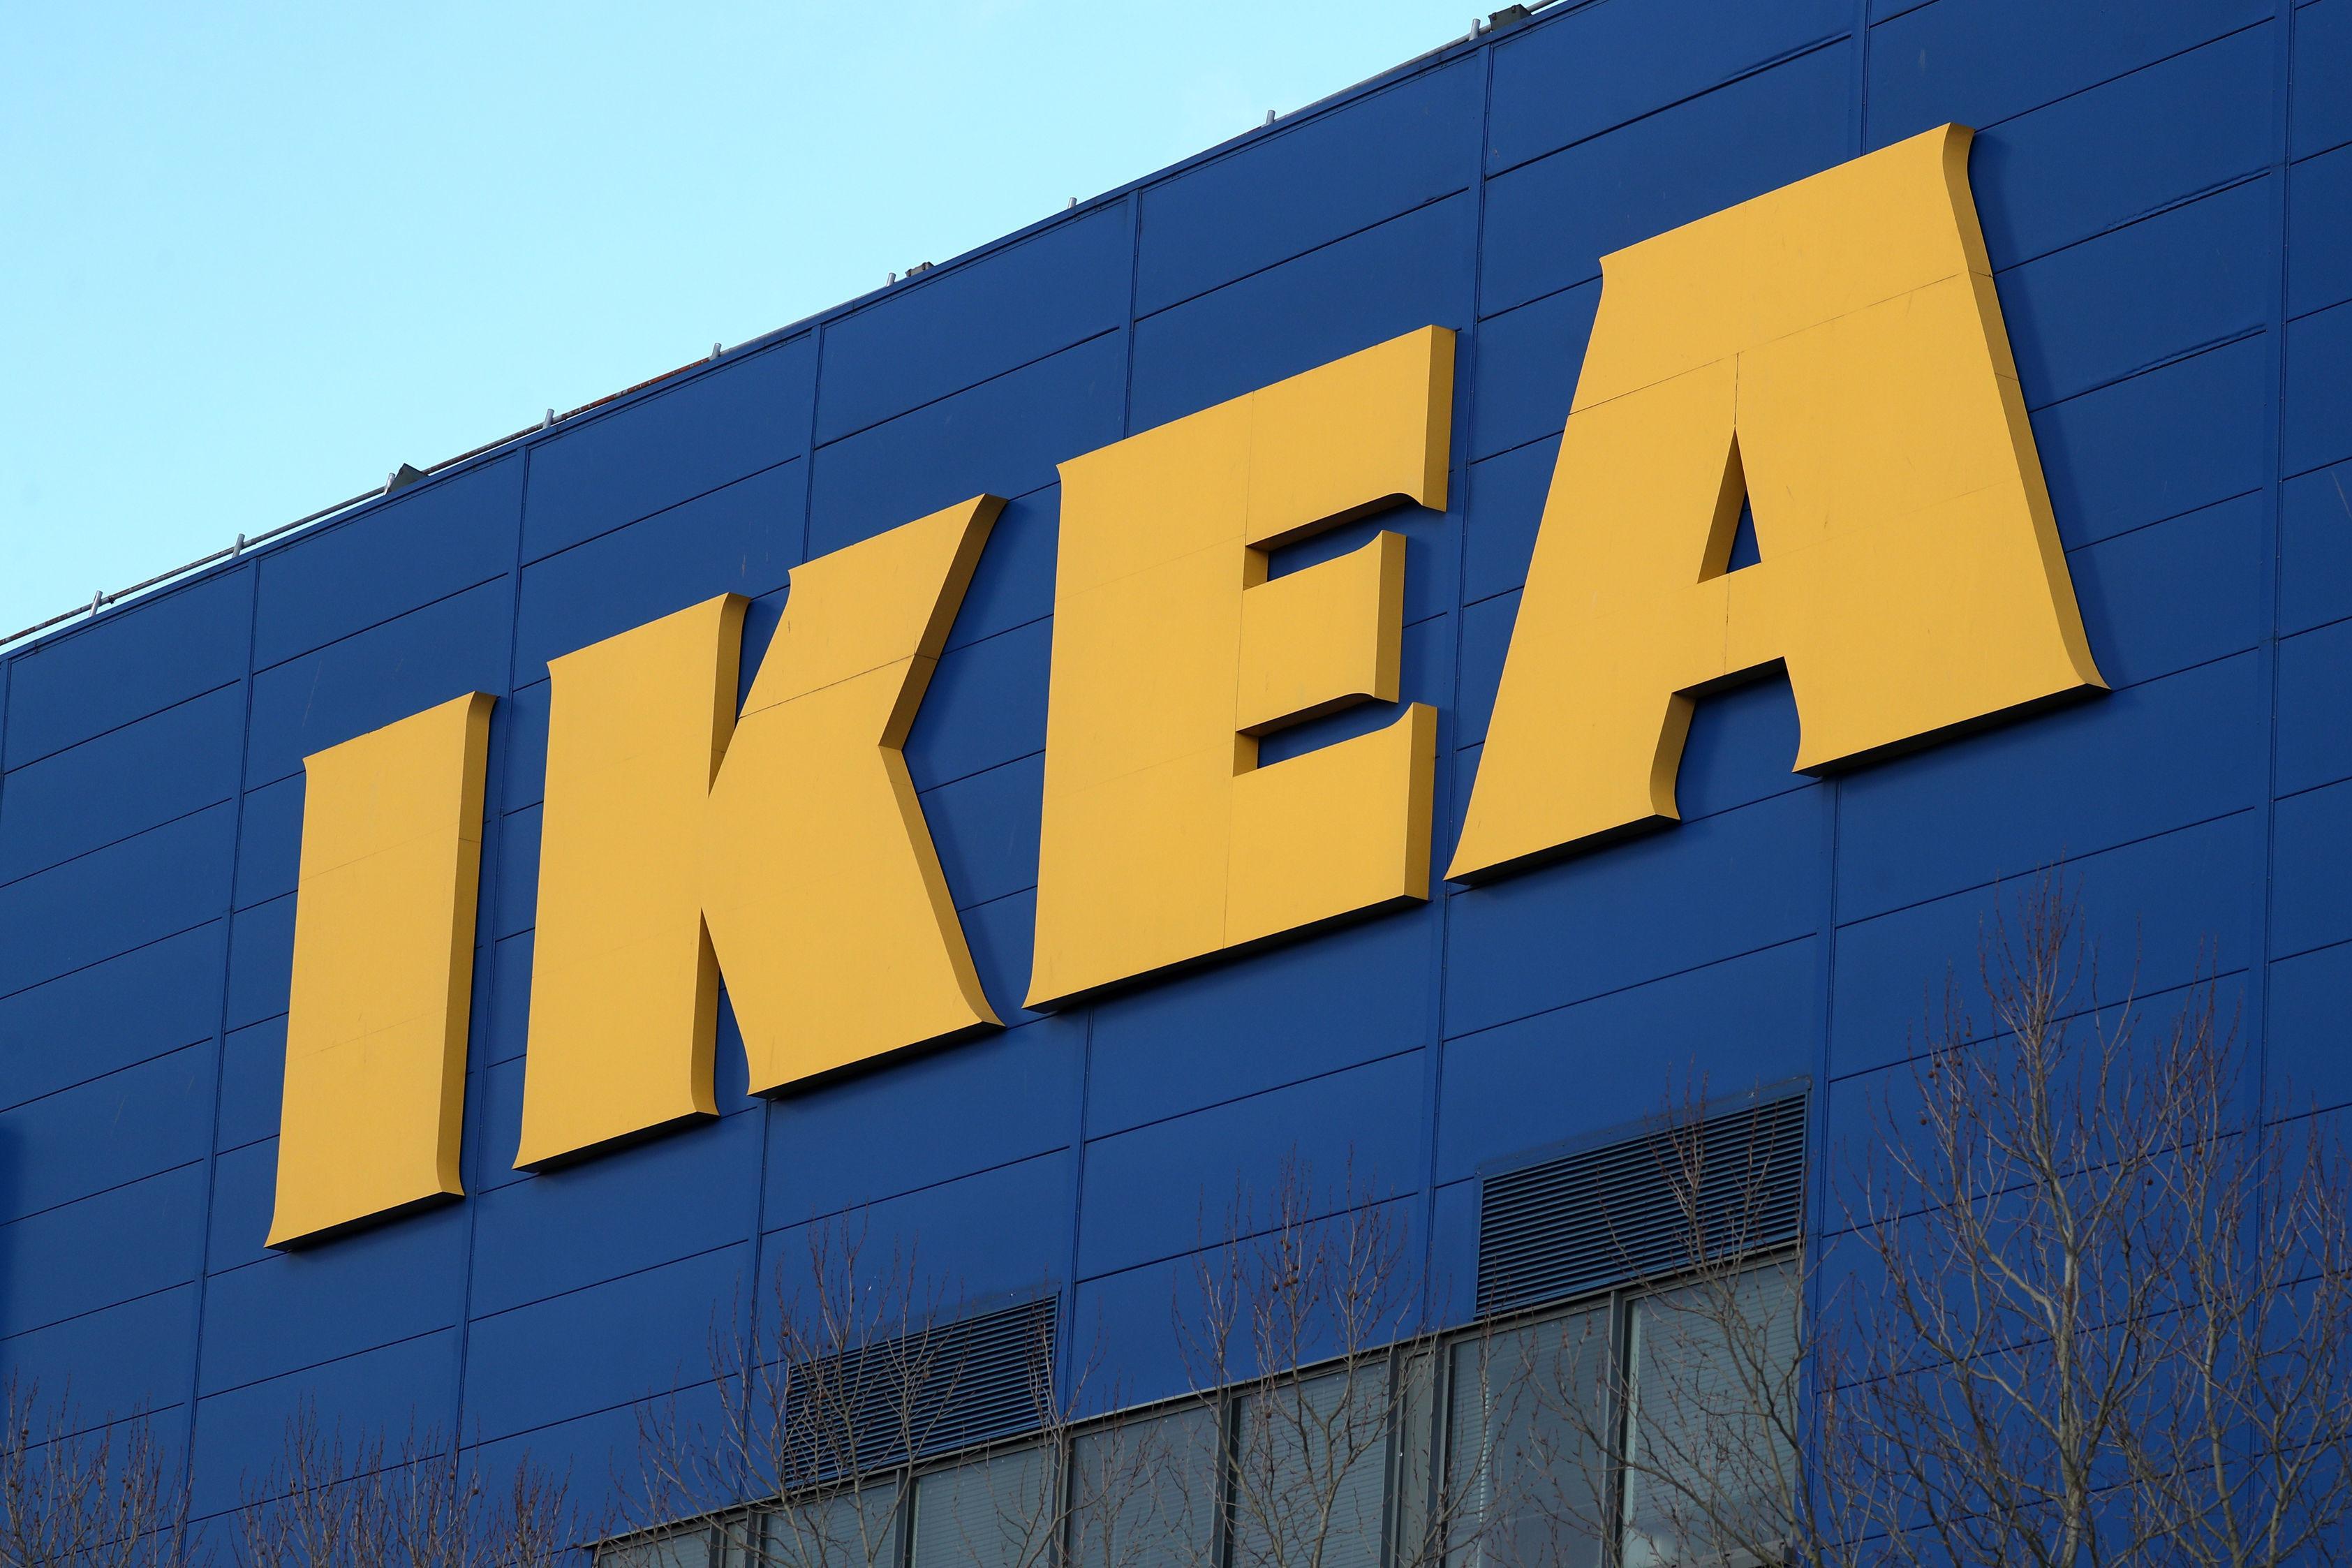 Ikea varuhus läggs ned Dagens Handel